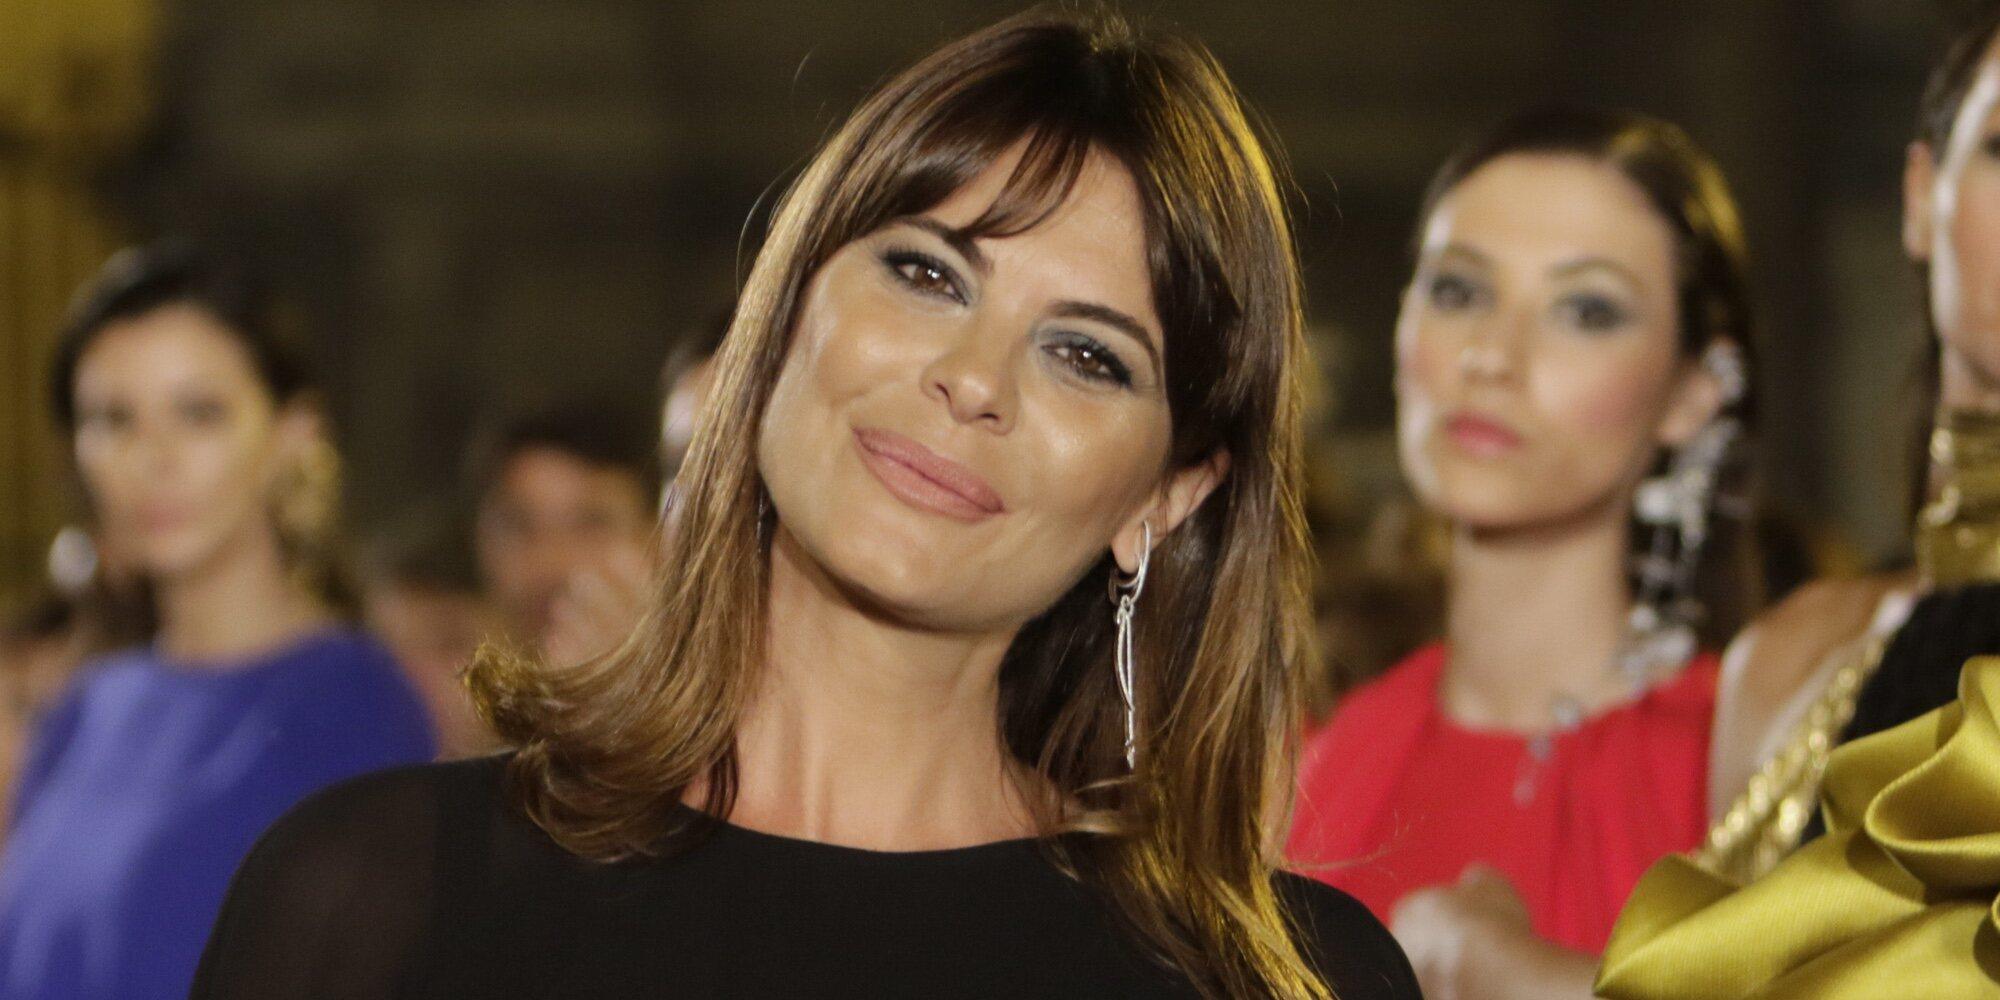 María José Suárez habla por primera vez tras su divorcio y tras ser relacionada con Álvaro Muñoz Escassi